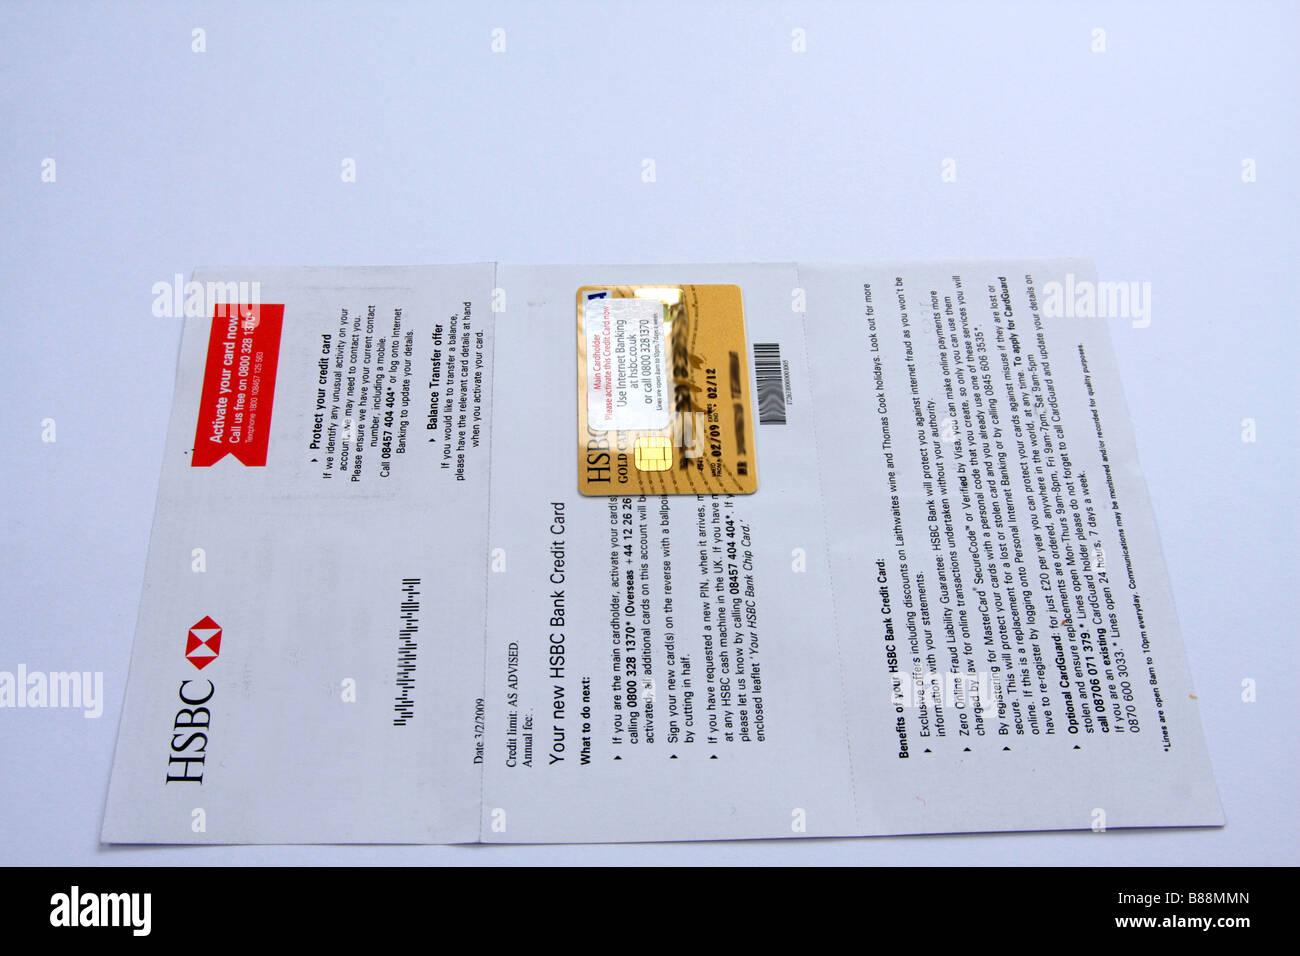 Carte Bleue Hsbc Premier.Hsbc Credit Card Stock Photos Hsbc Credit Card Stock